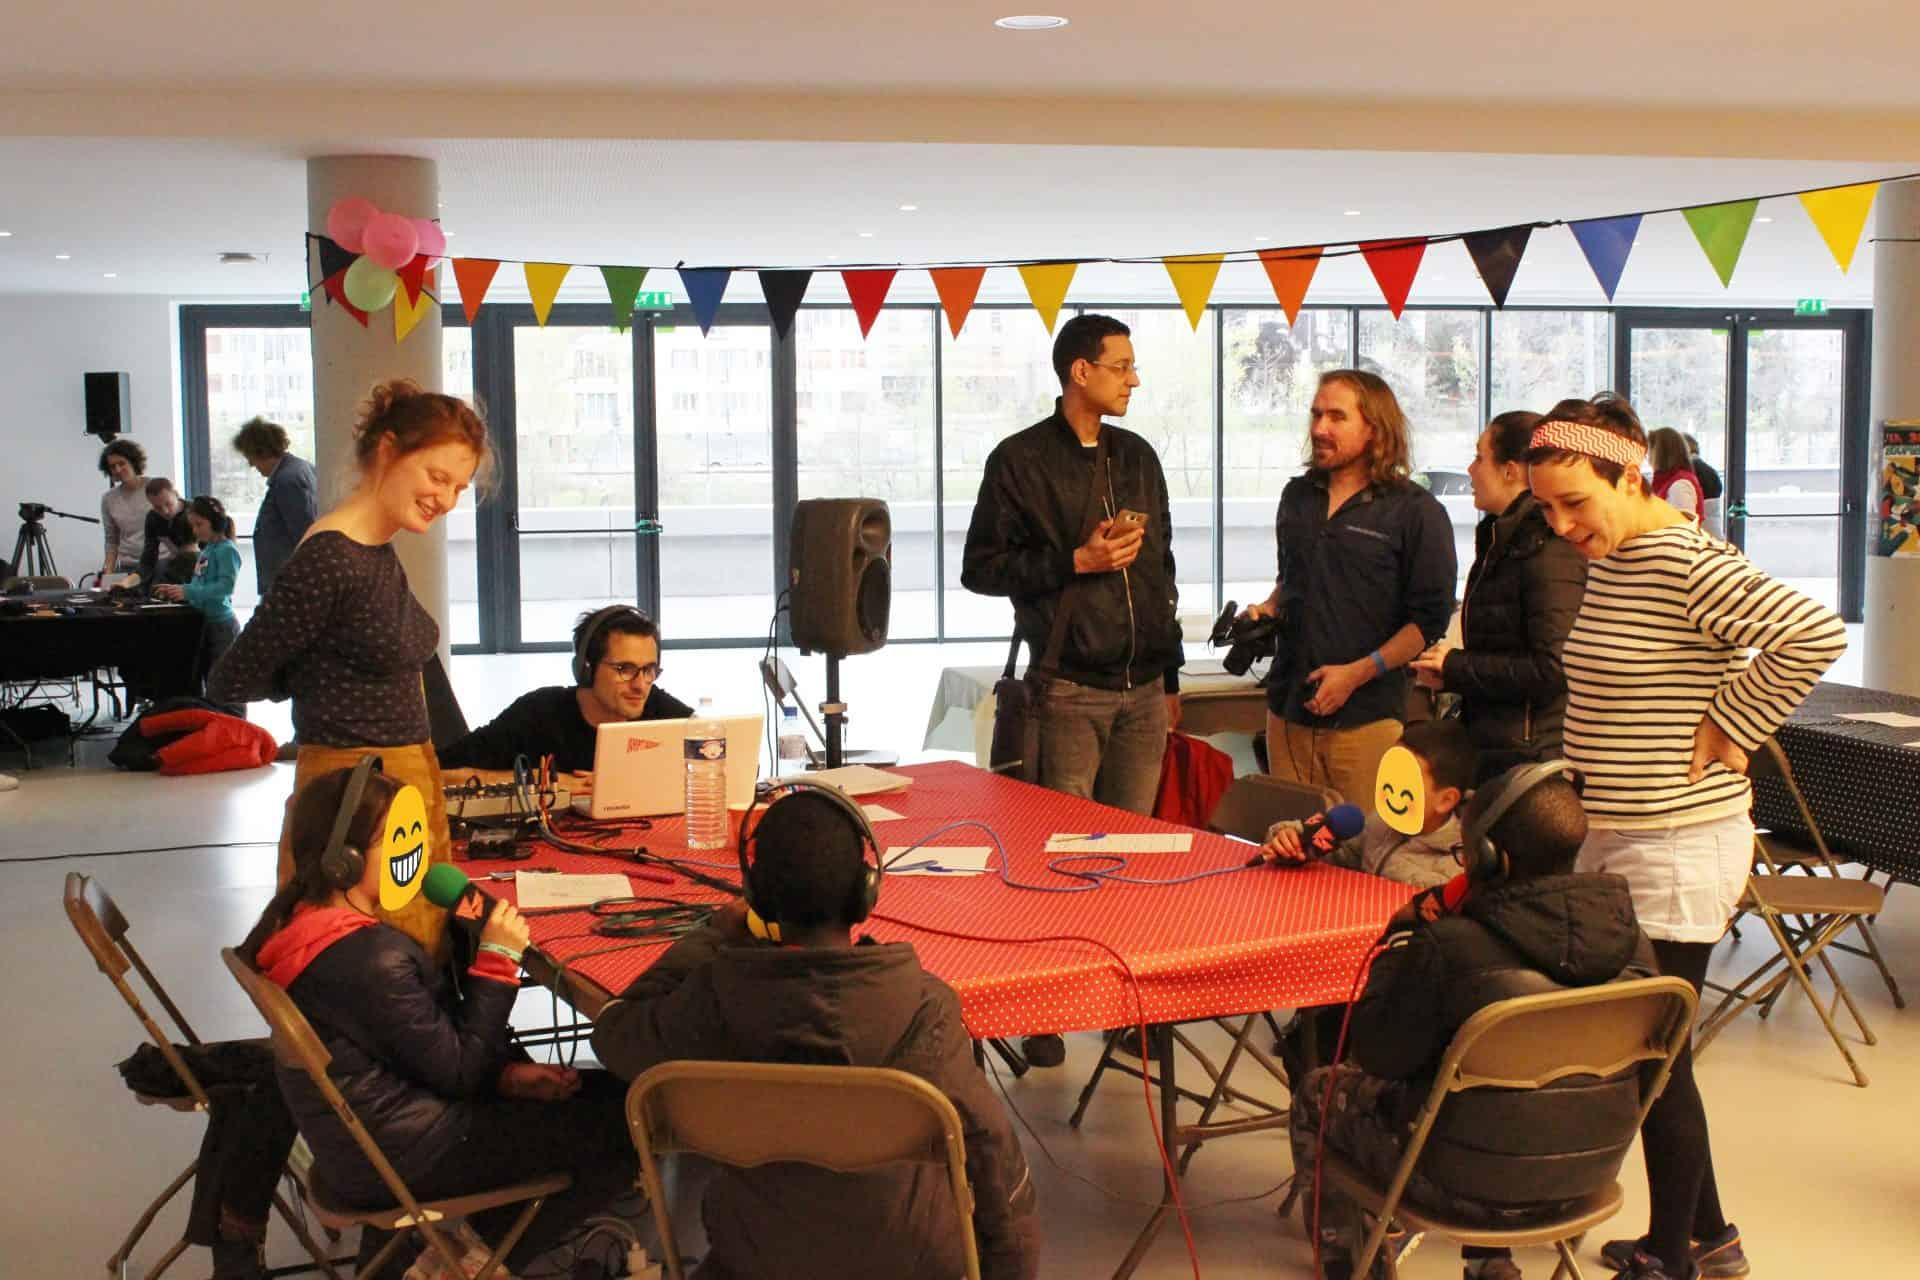 Des enfants enregistrent une émission de radio lors d'un atelier Mercredi - Chorus des enfants